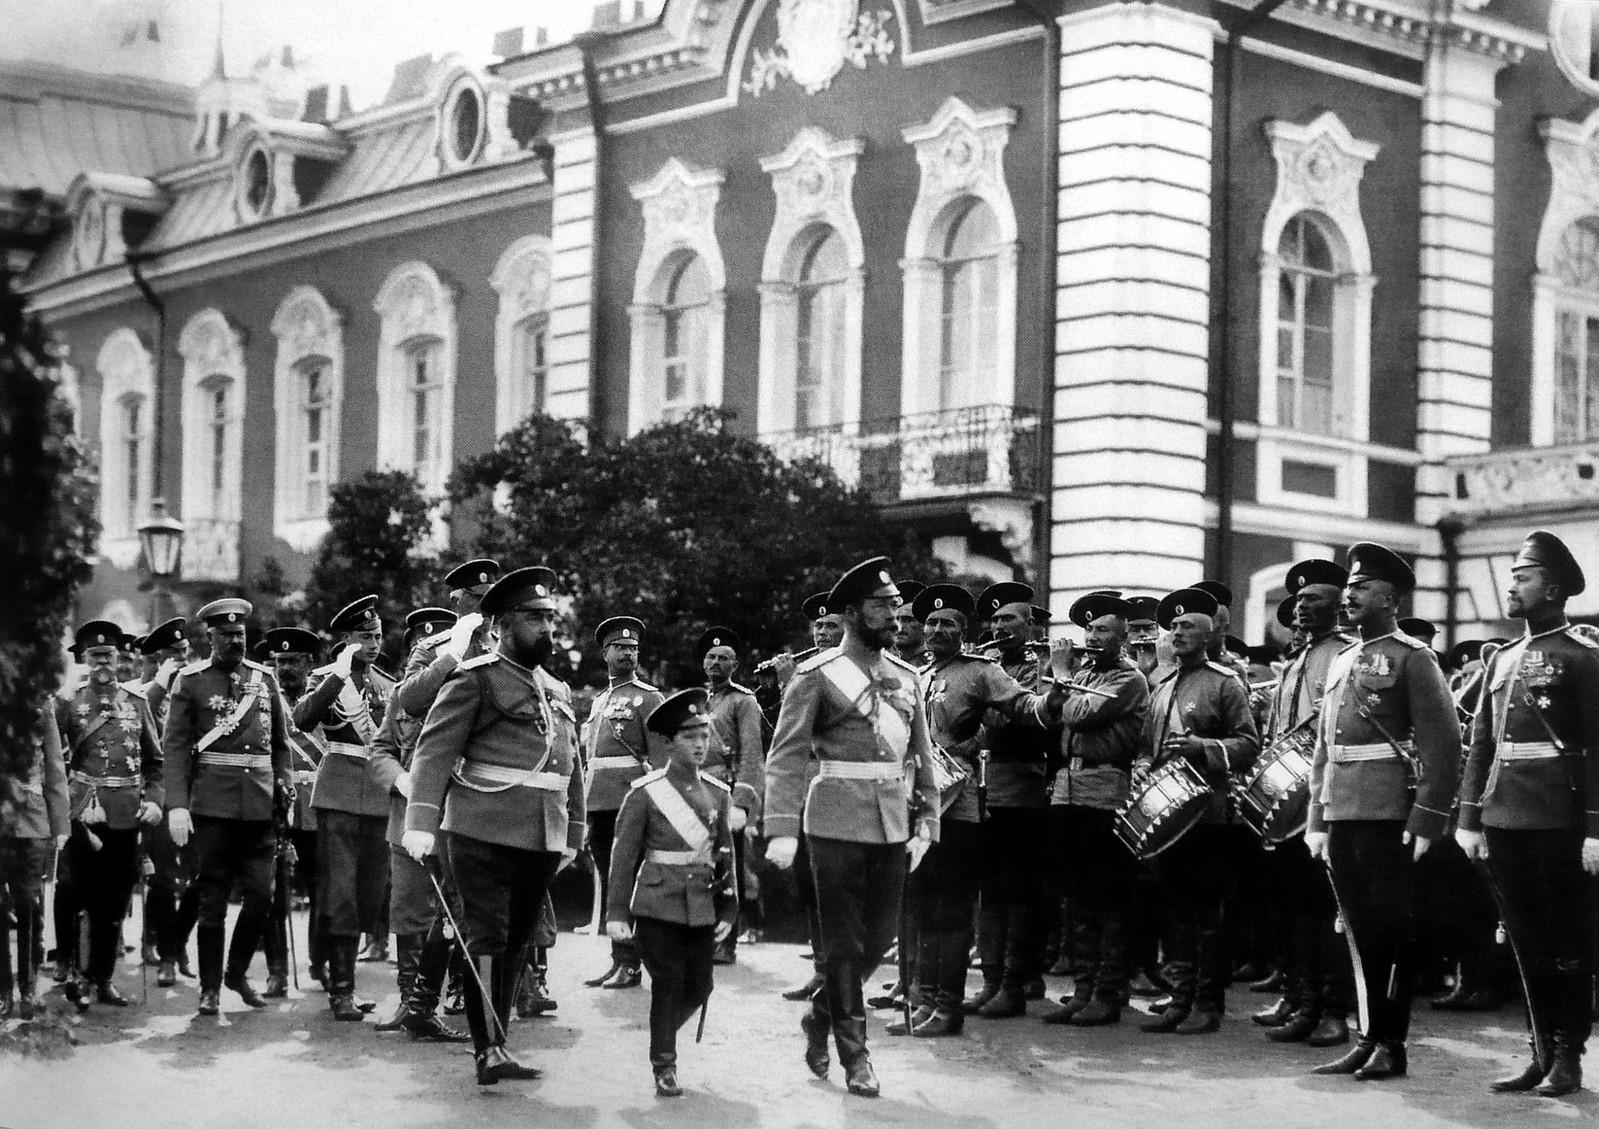 1912. Император Николай и царевич Алексей со свитой обходят подразделения Лейб-гвардии Егерского полка. 17 августа